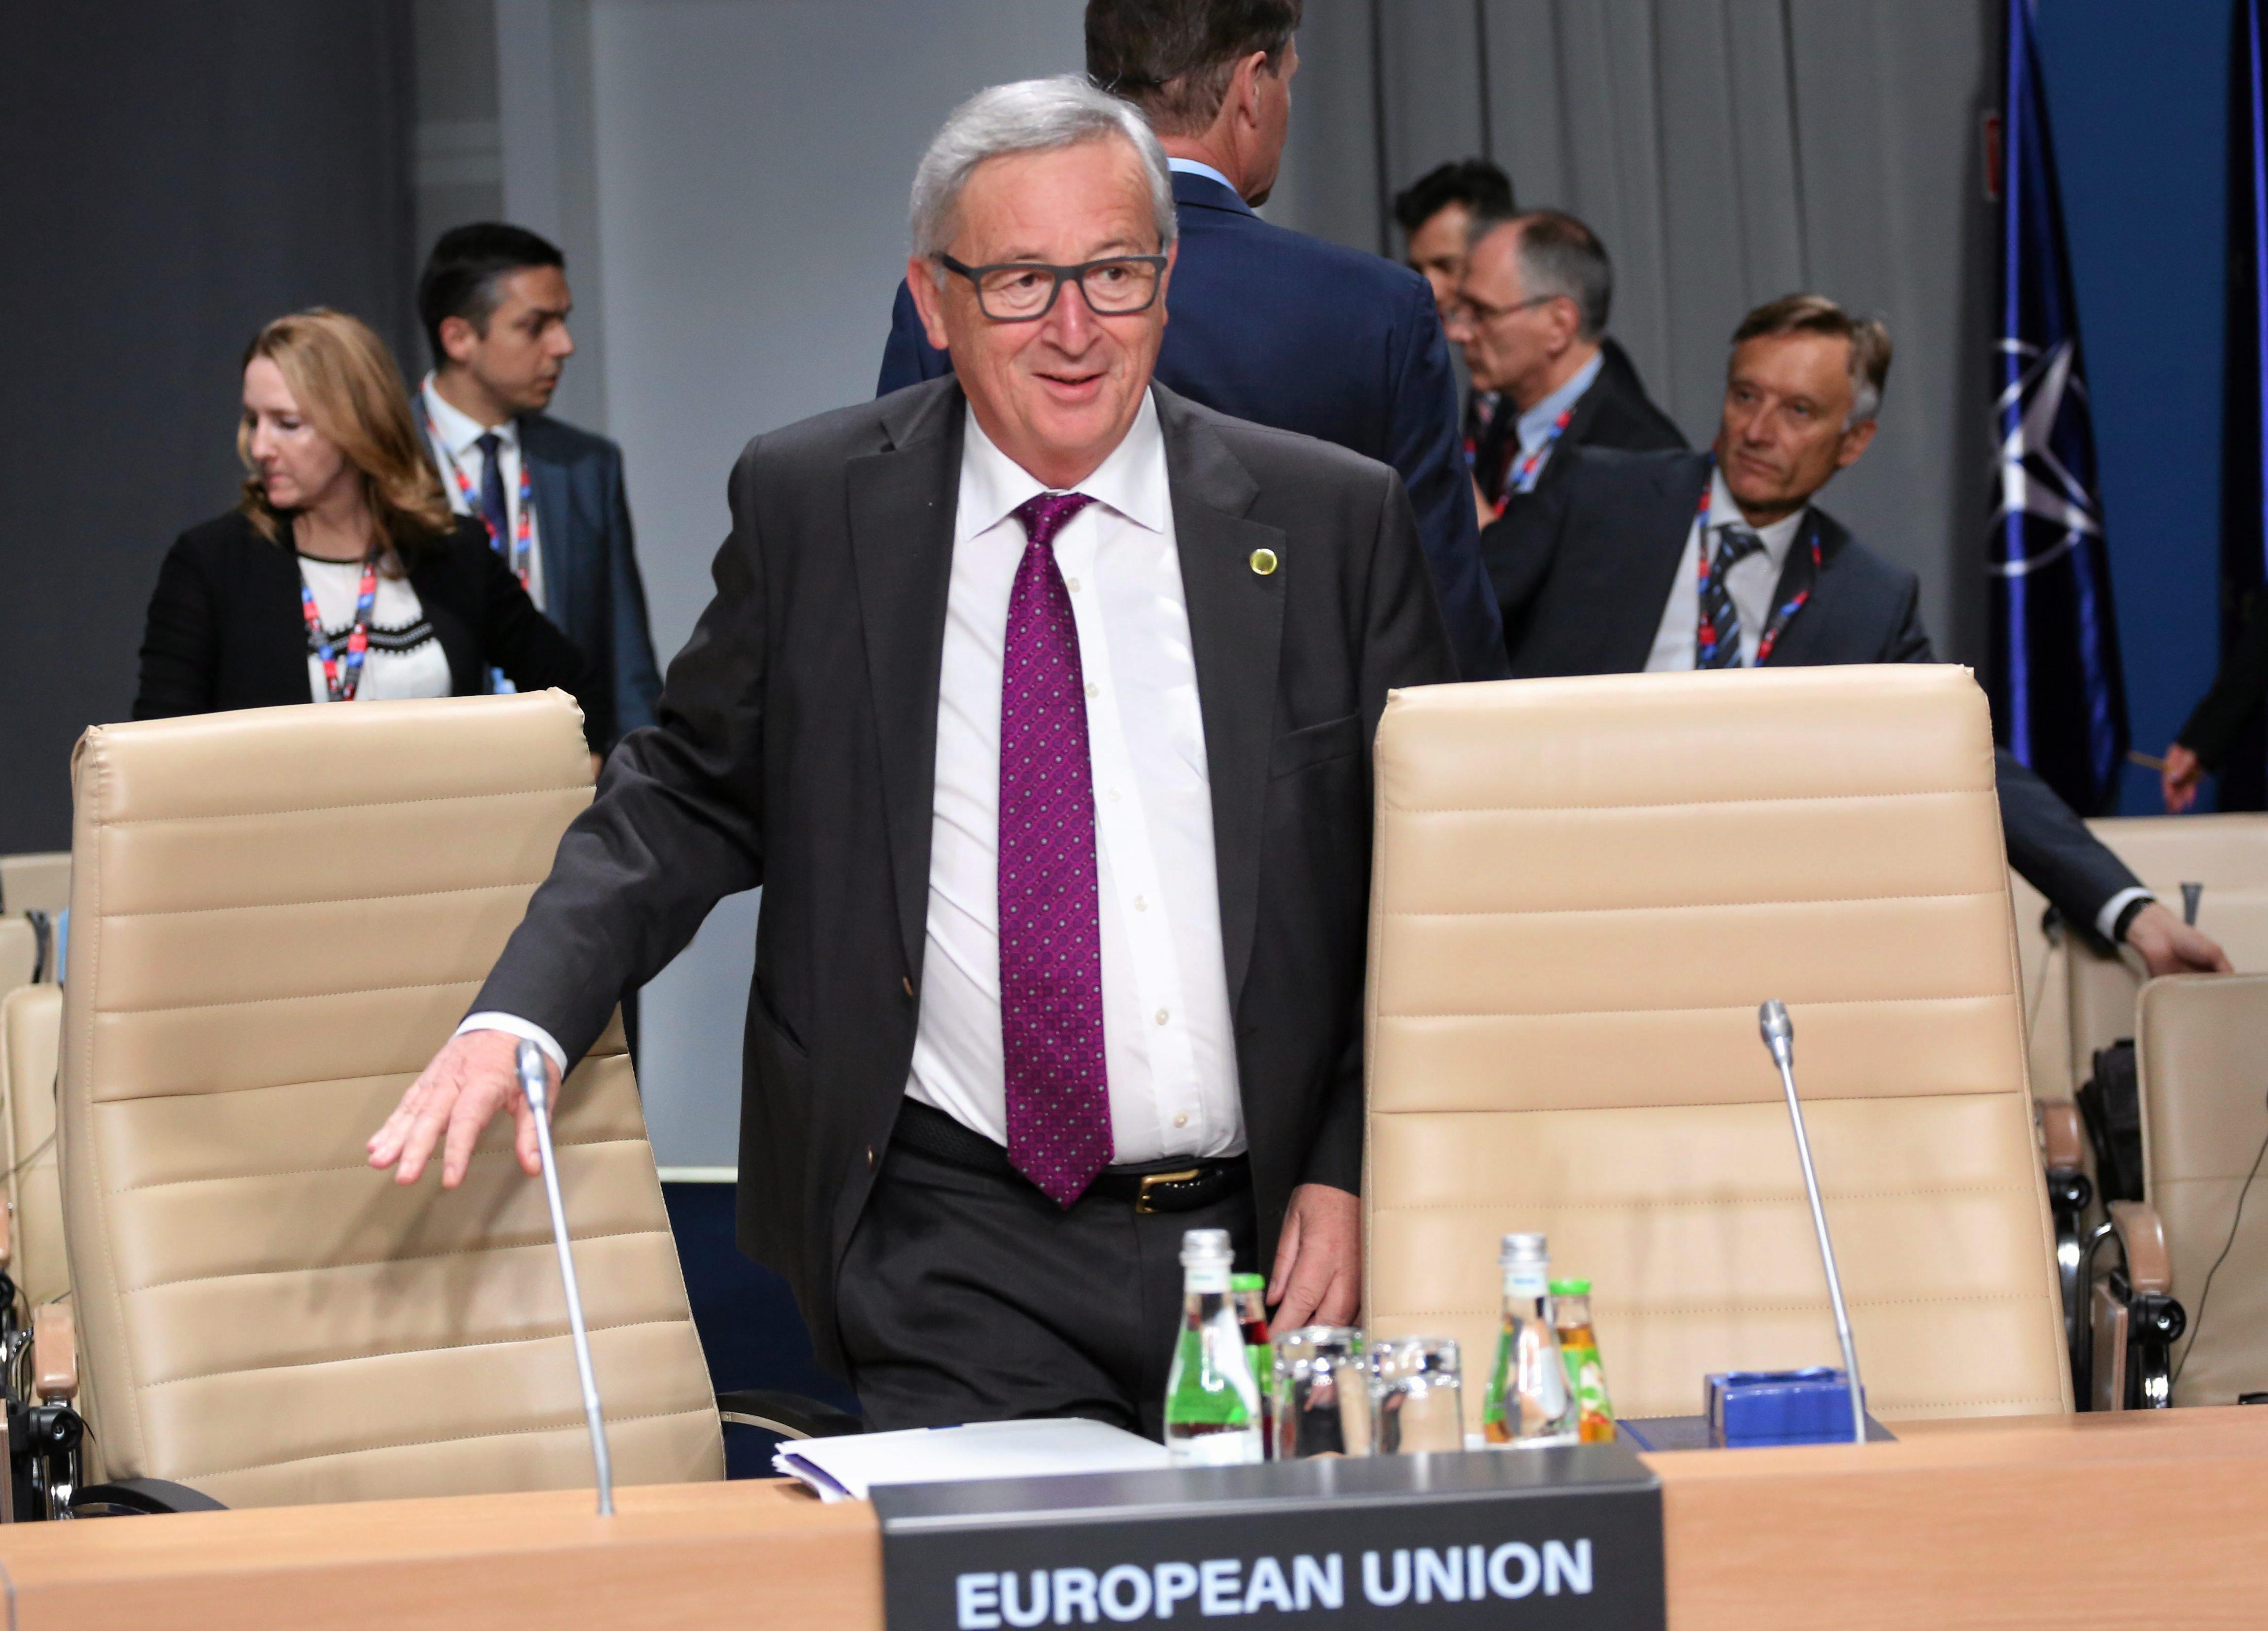 Przewodniczący Komisji Europejskiej Jean-Claude Juncker podczas szczytu NATO w Warszawie. Lipiec 2016 r. (fot . Sławomir Kamiński / Agencja Gazeta)